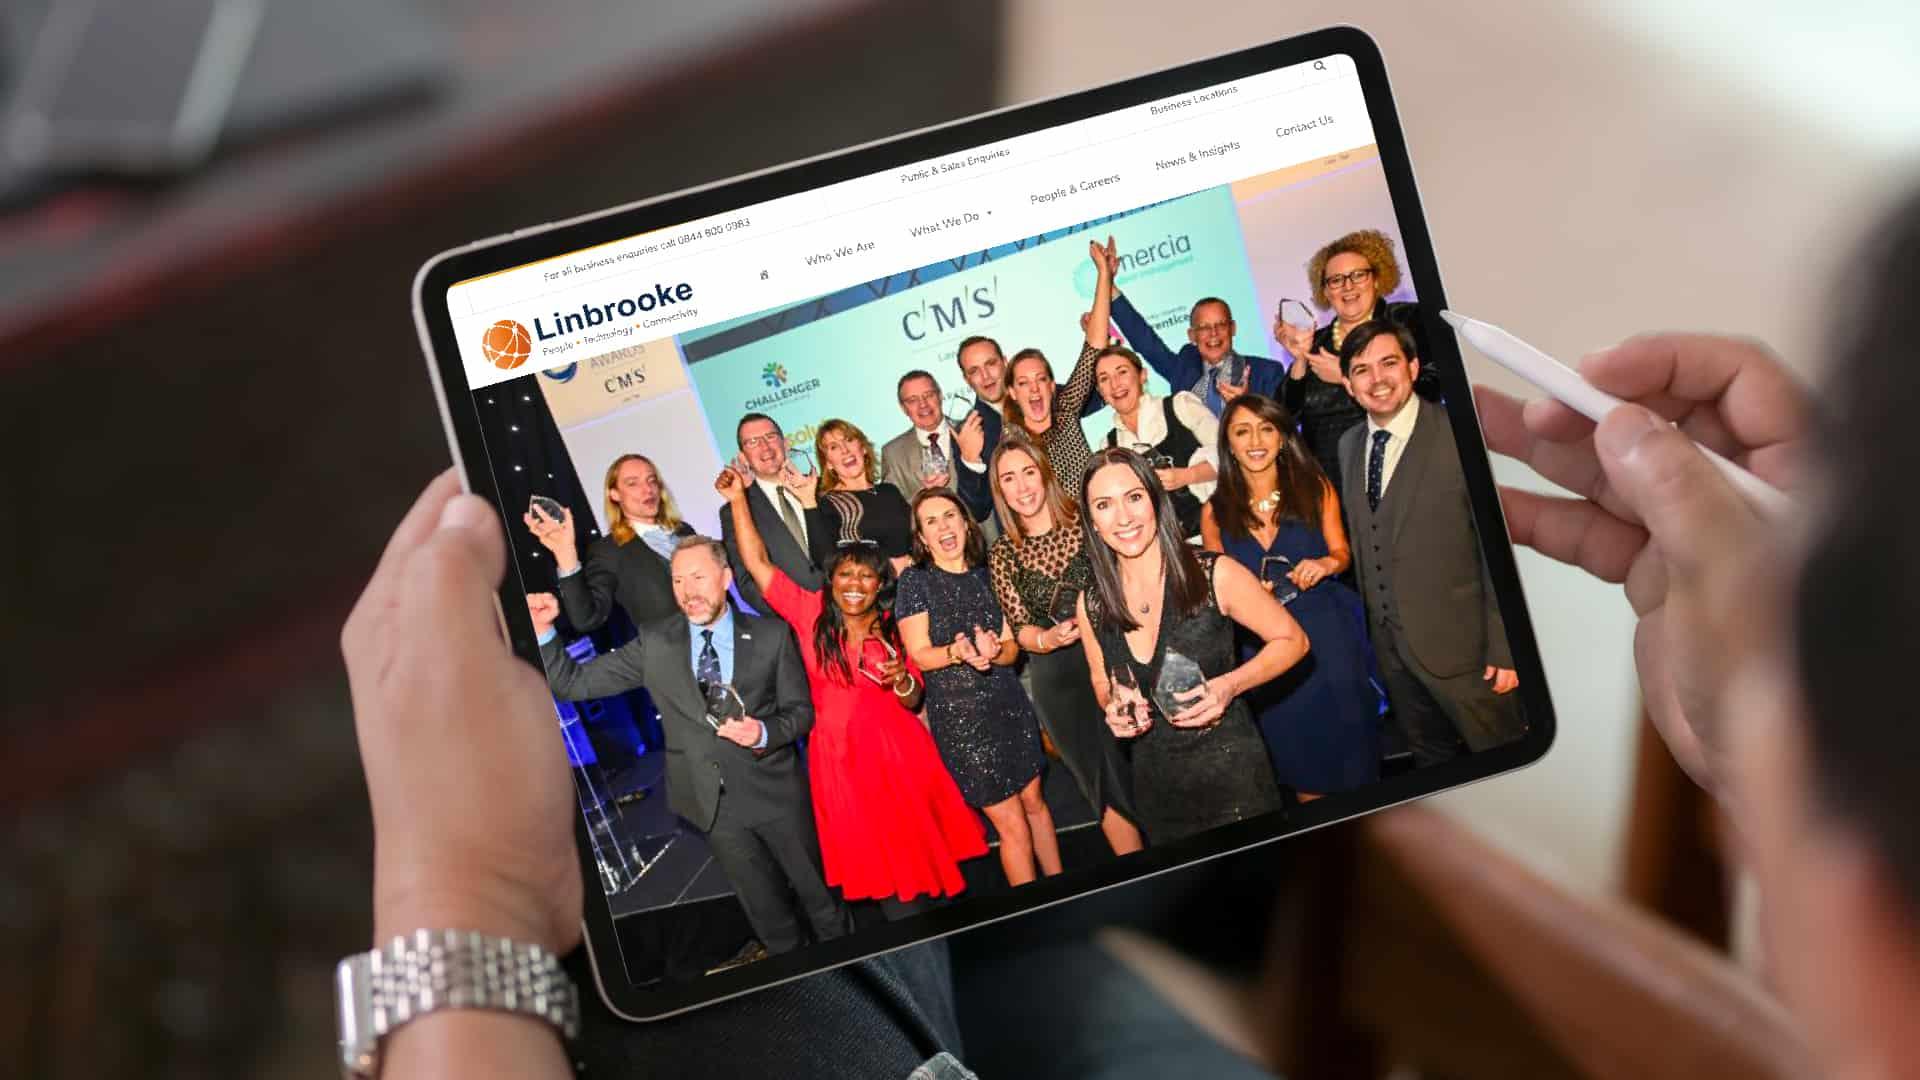 Linbrooke - UK Business Desk Taryn Edge